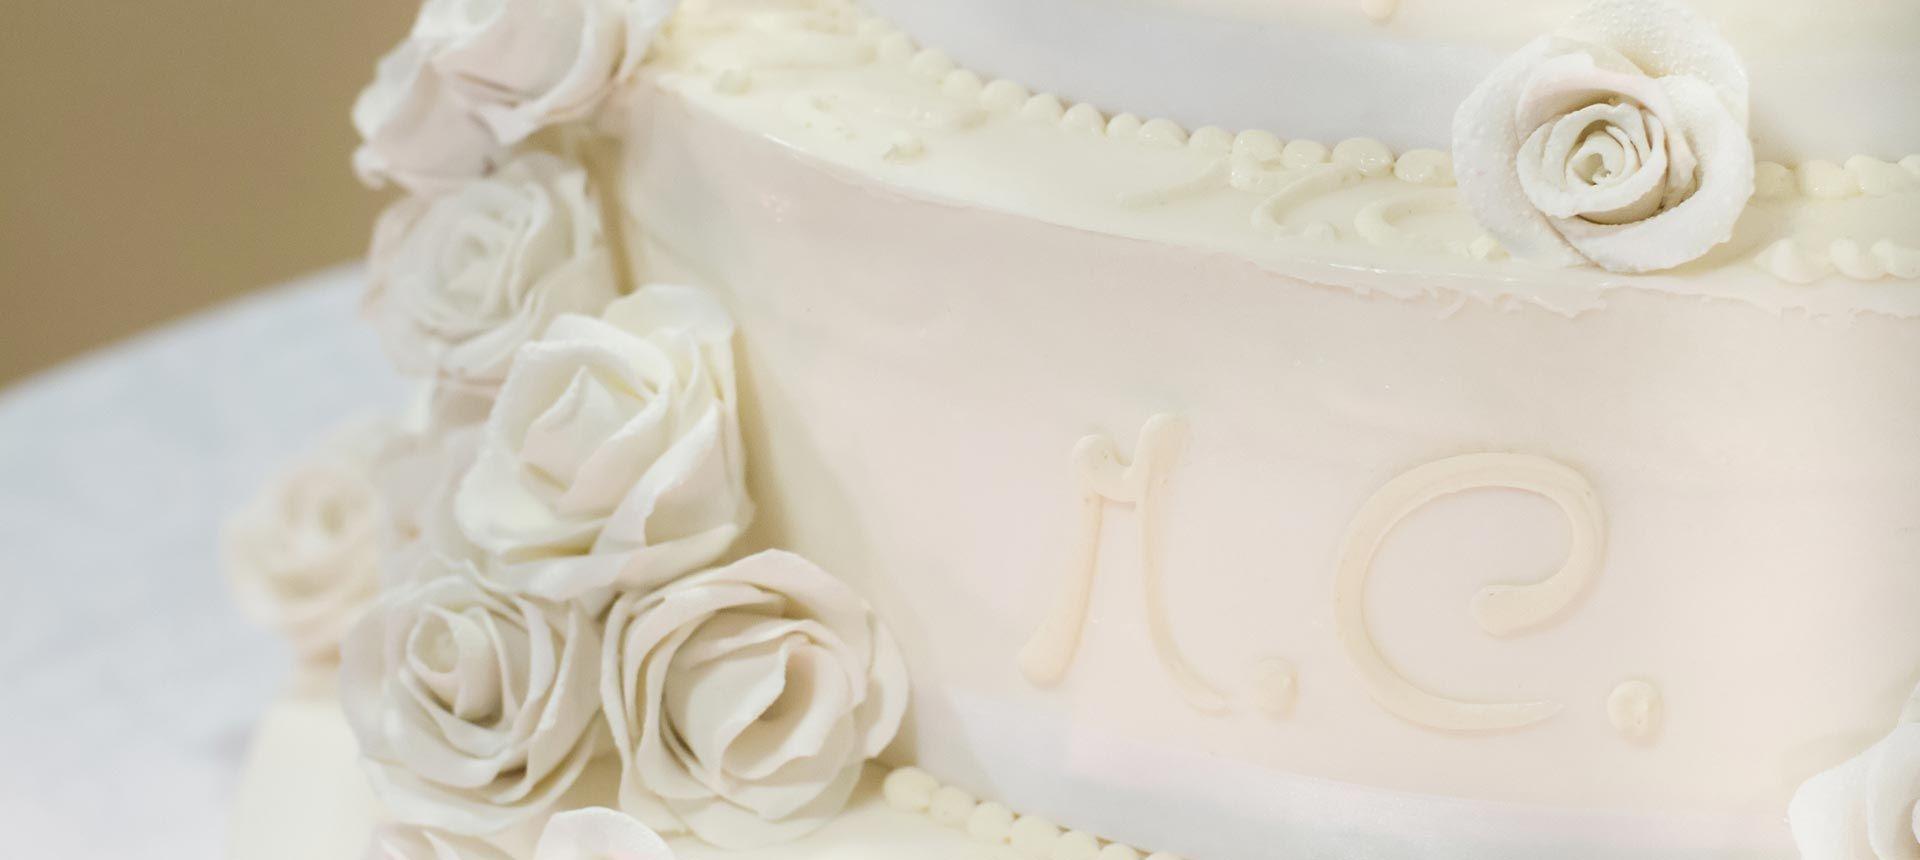 Элементы декора свадебного торта